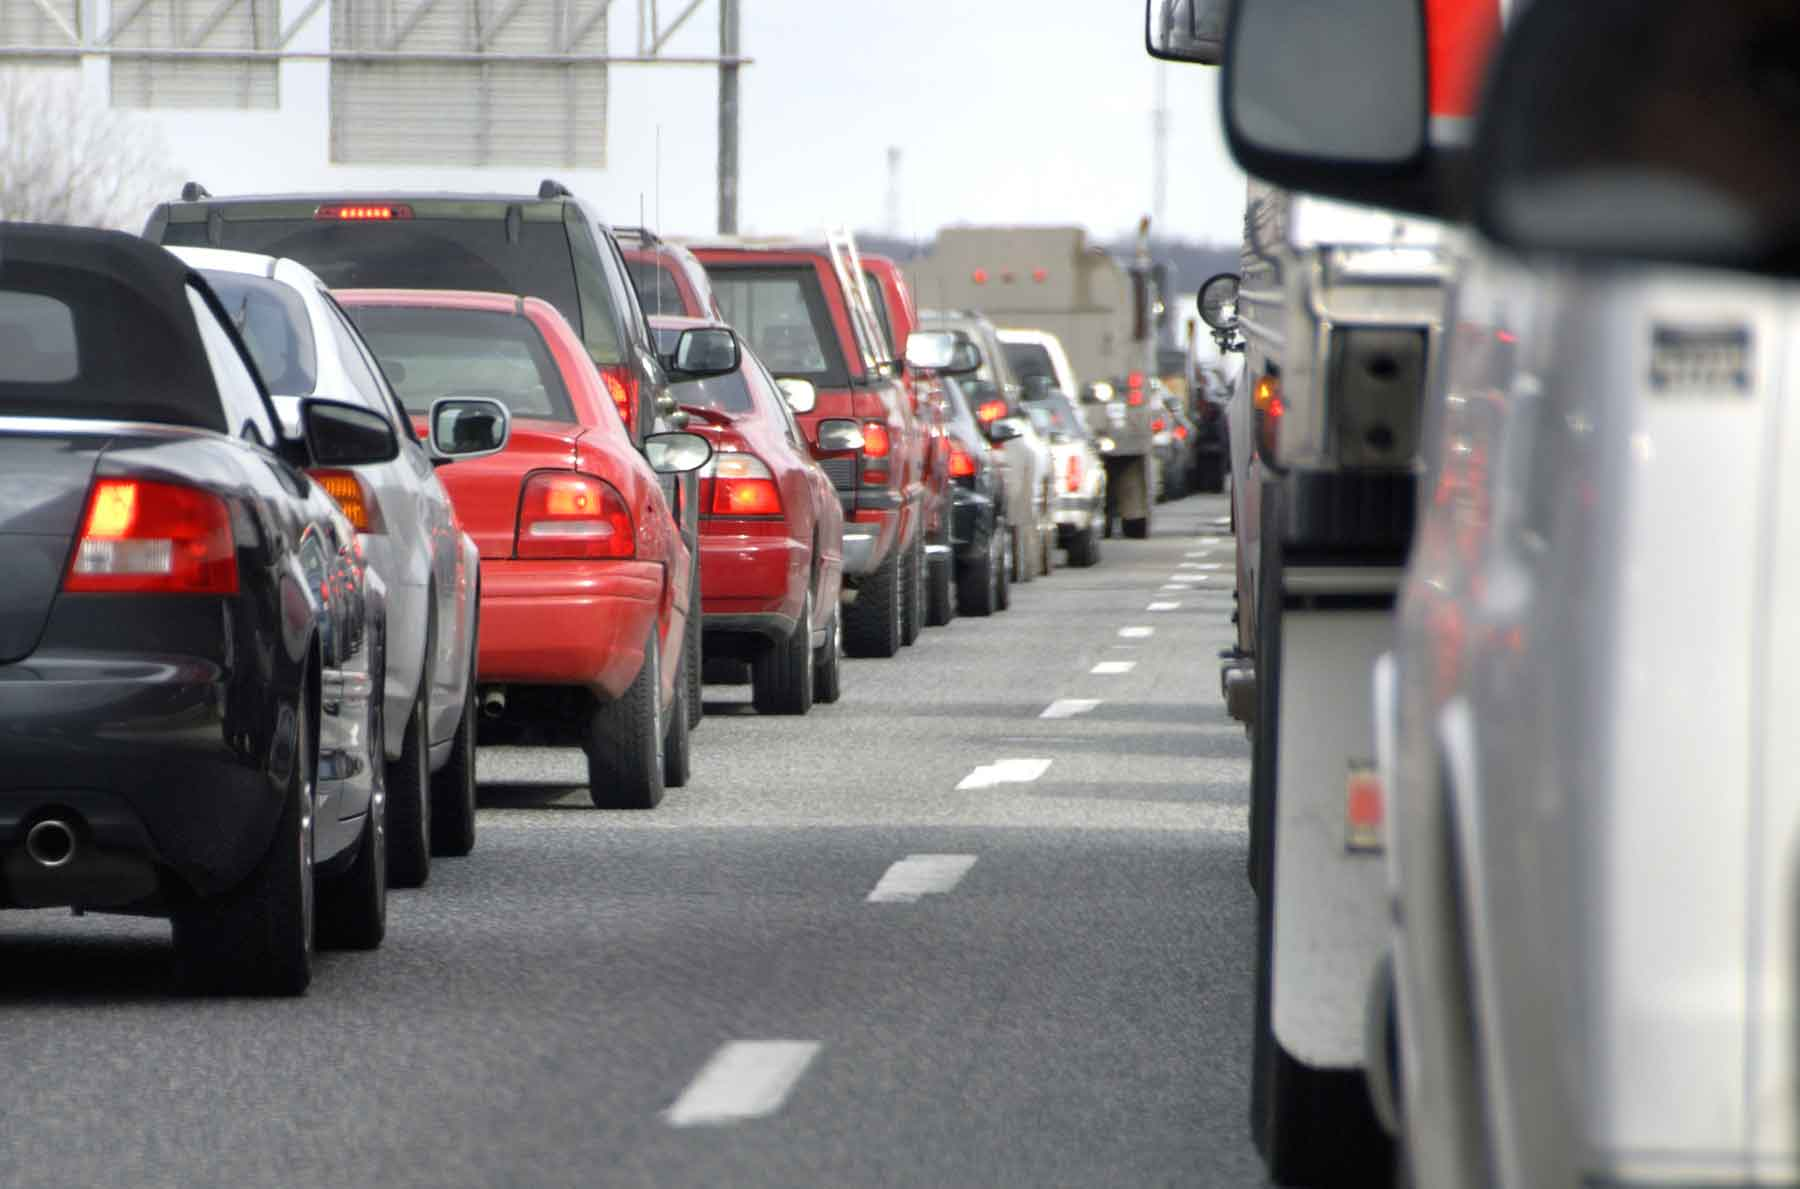 Το νέο καθεστώς στην ασφάλιση αυτοκινήτων